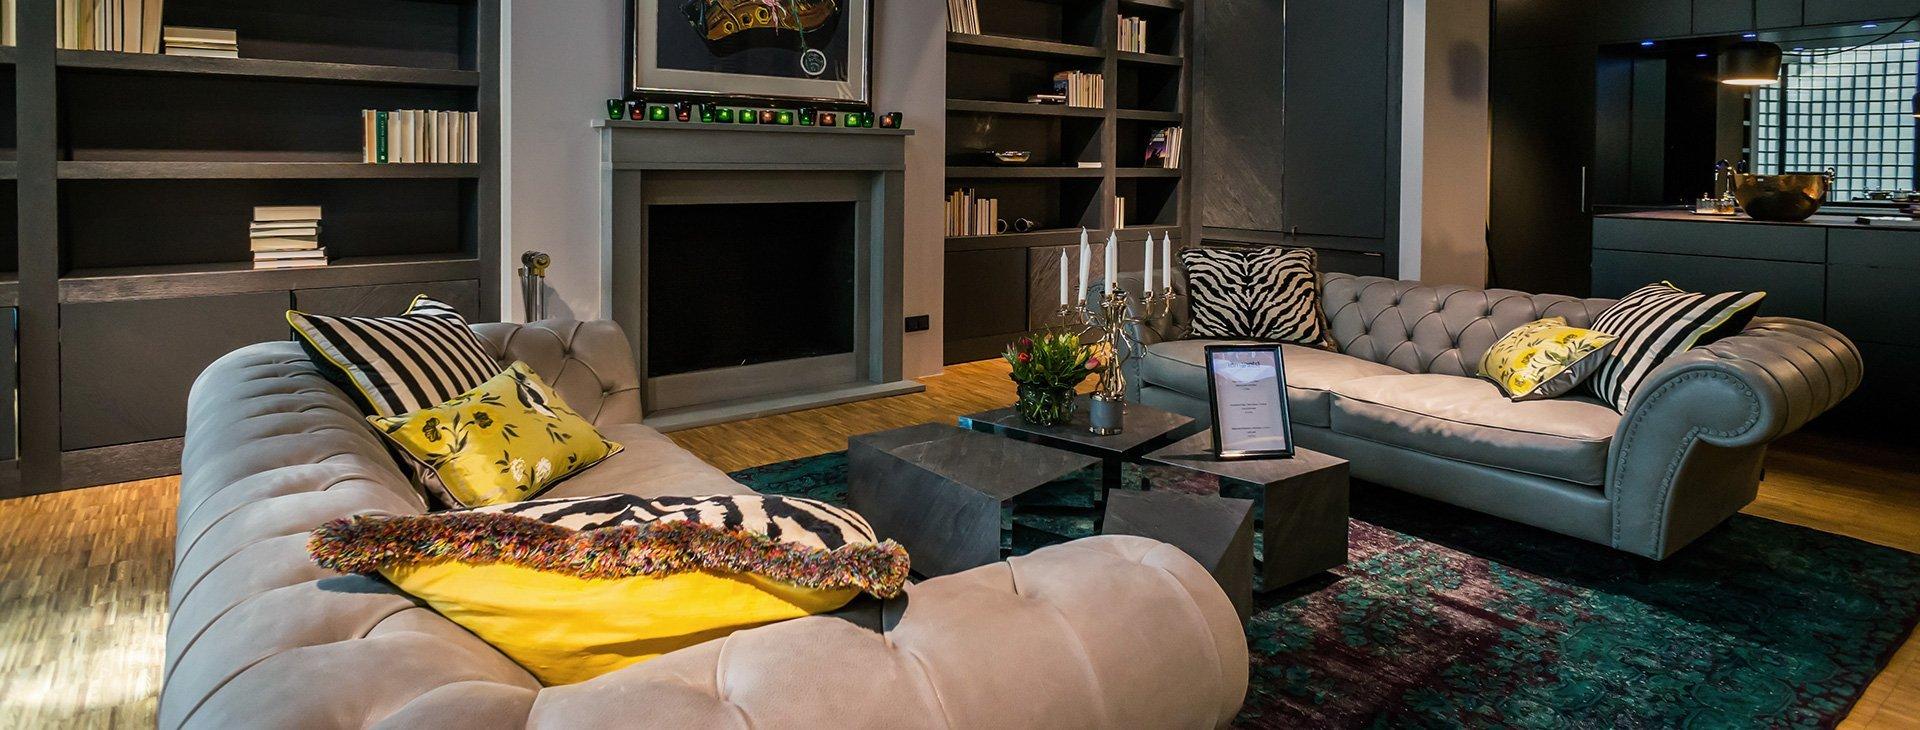 lomann s interior designs ihre stores im stilwerk. Black Bedroom Furniture Sets. Home Design Ideas